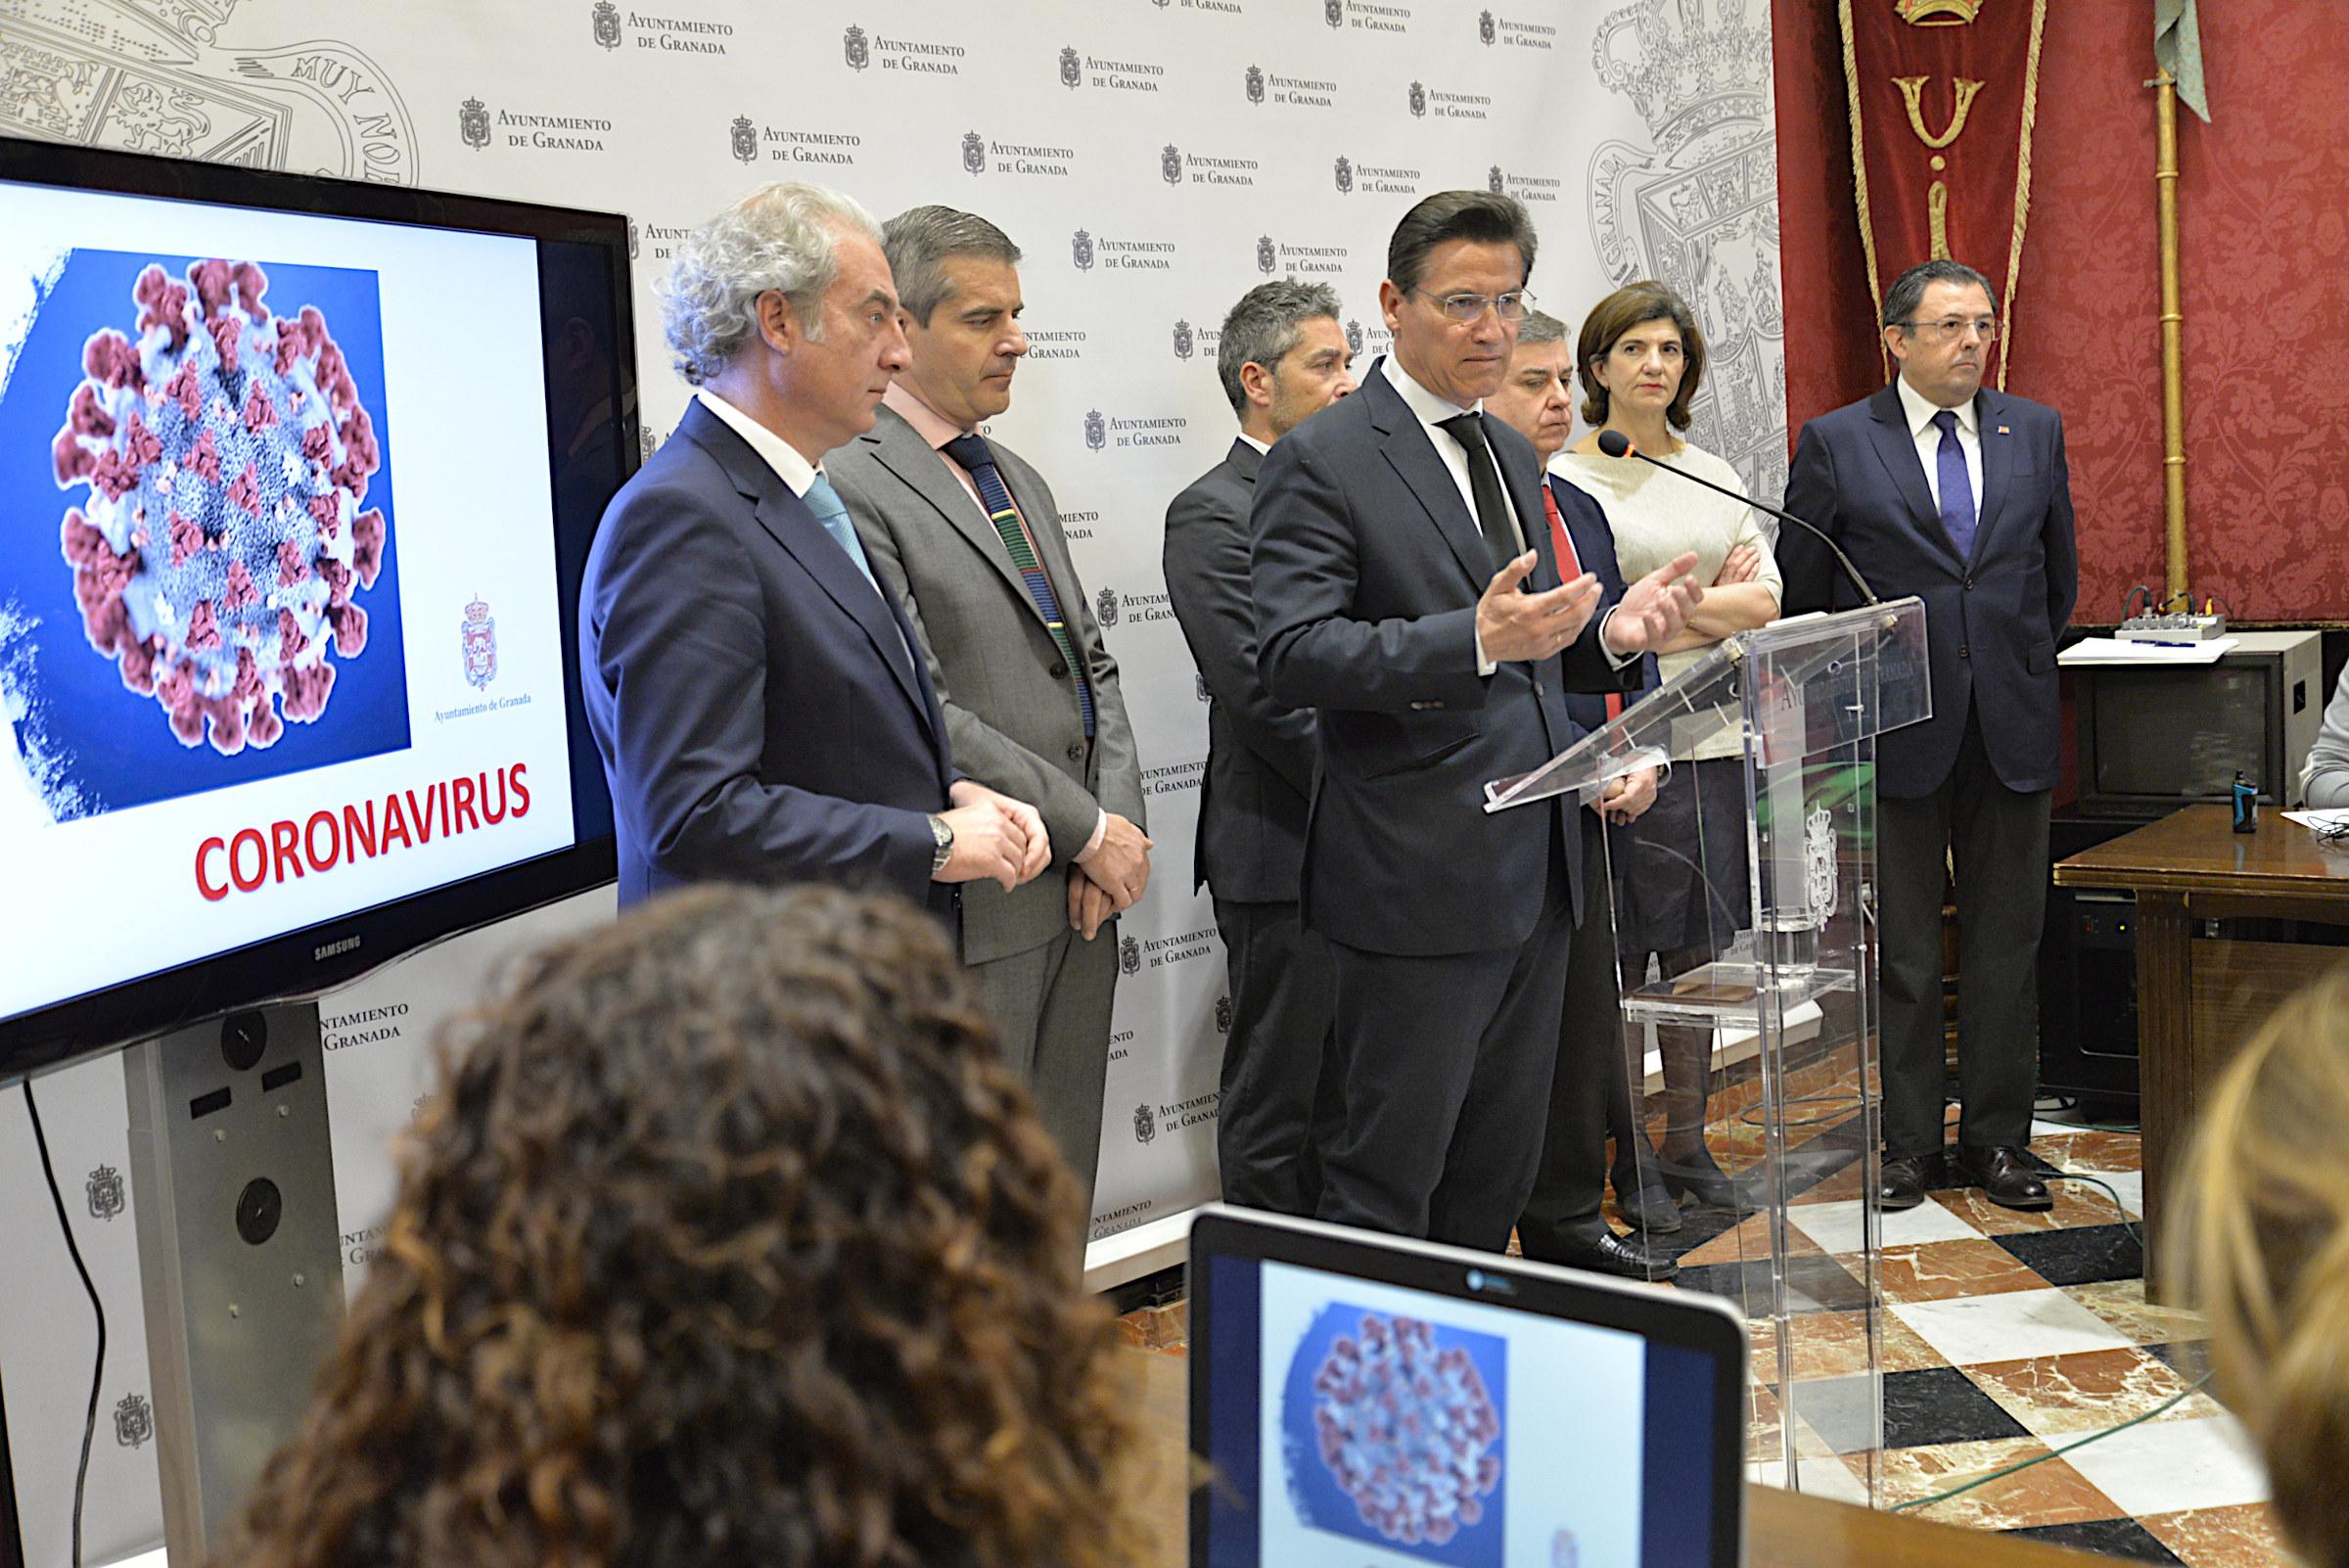 Luis Salvador responde ante la alarma del coronavirus en la capital y alaba la «sensatez» de VOX